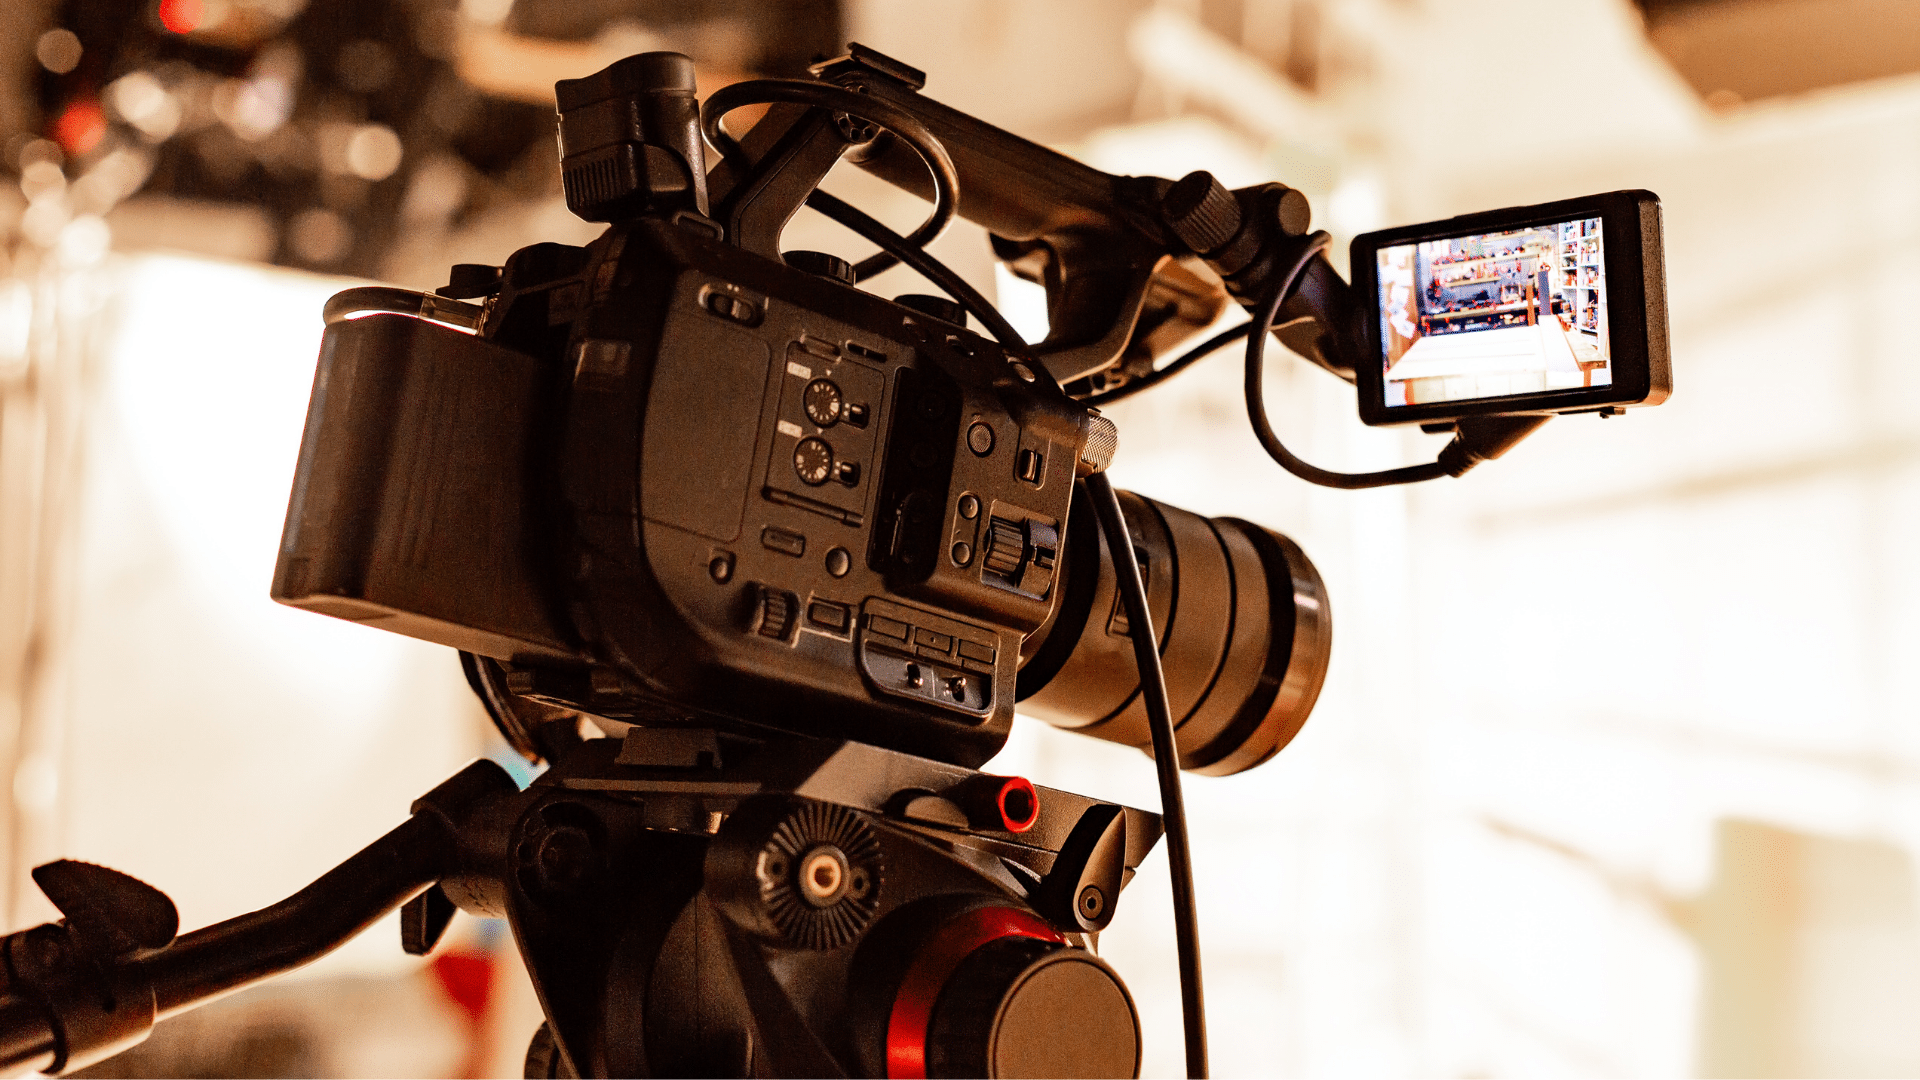 Les 15 questions à se poser pour réaliser une vidéo parfaite